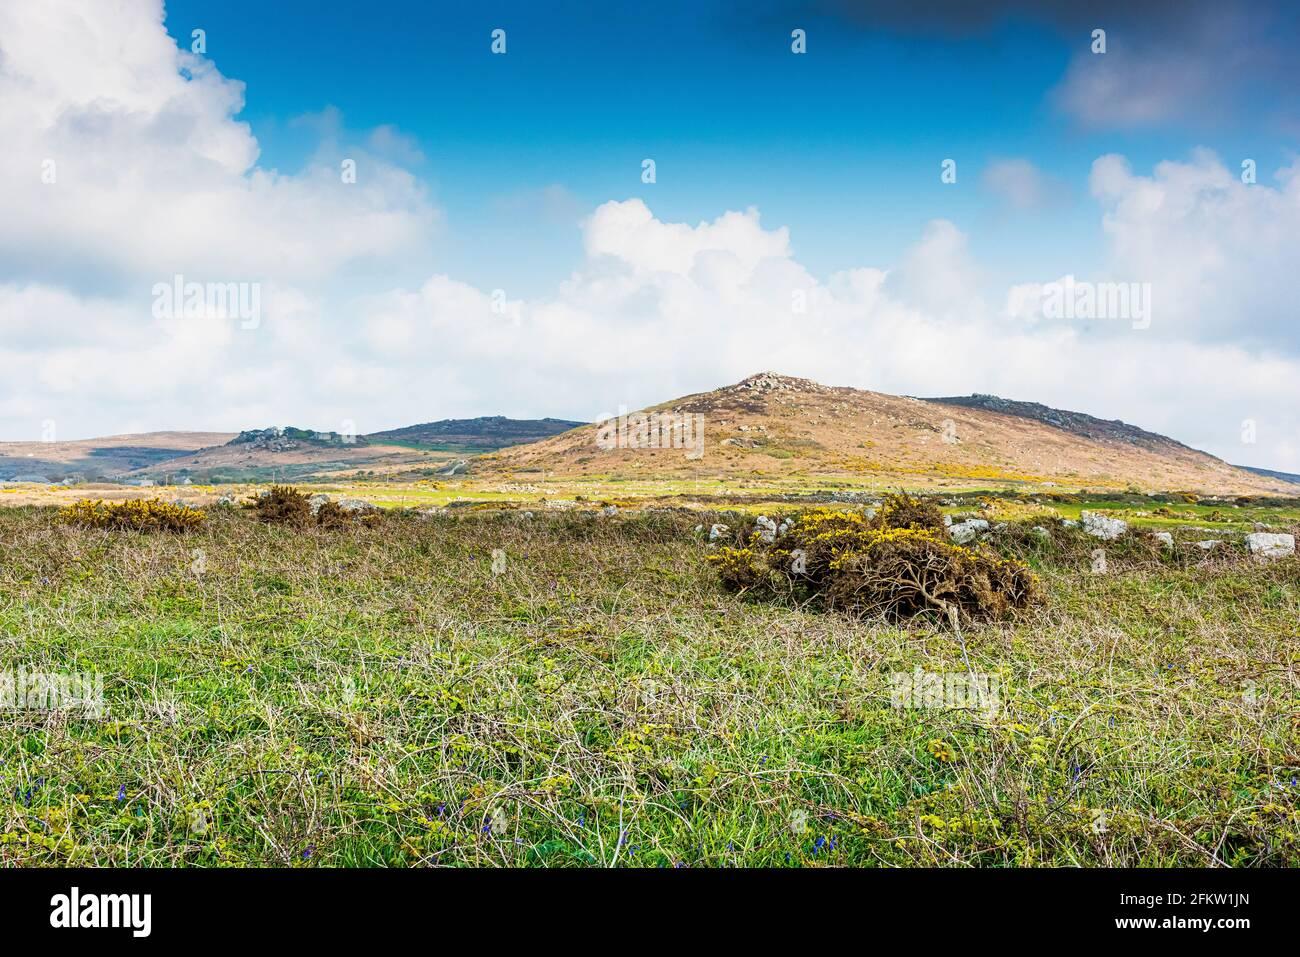 Paysage de Cornouailles avec la colline de Zennor dans la région de Penwith ouest de Cornwall. Banque D'Images